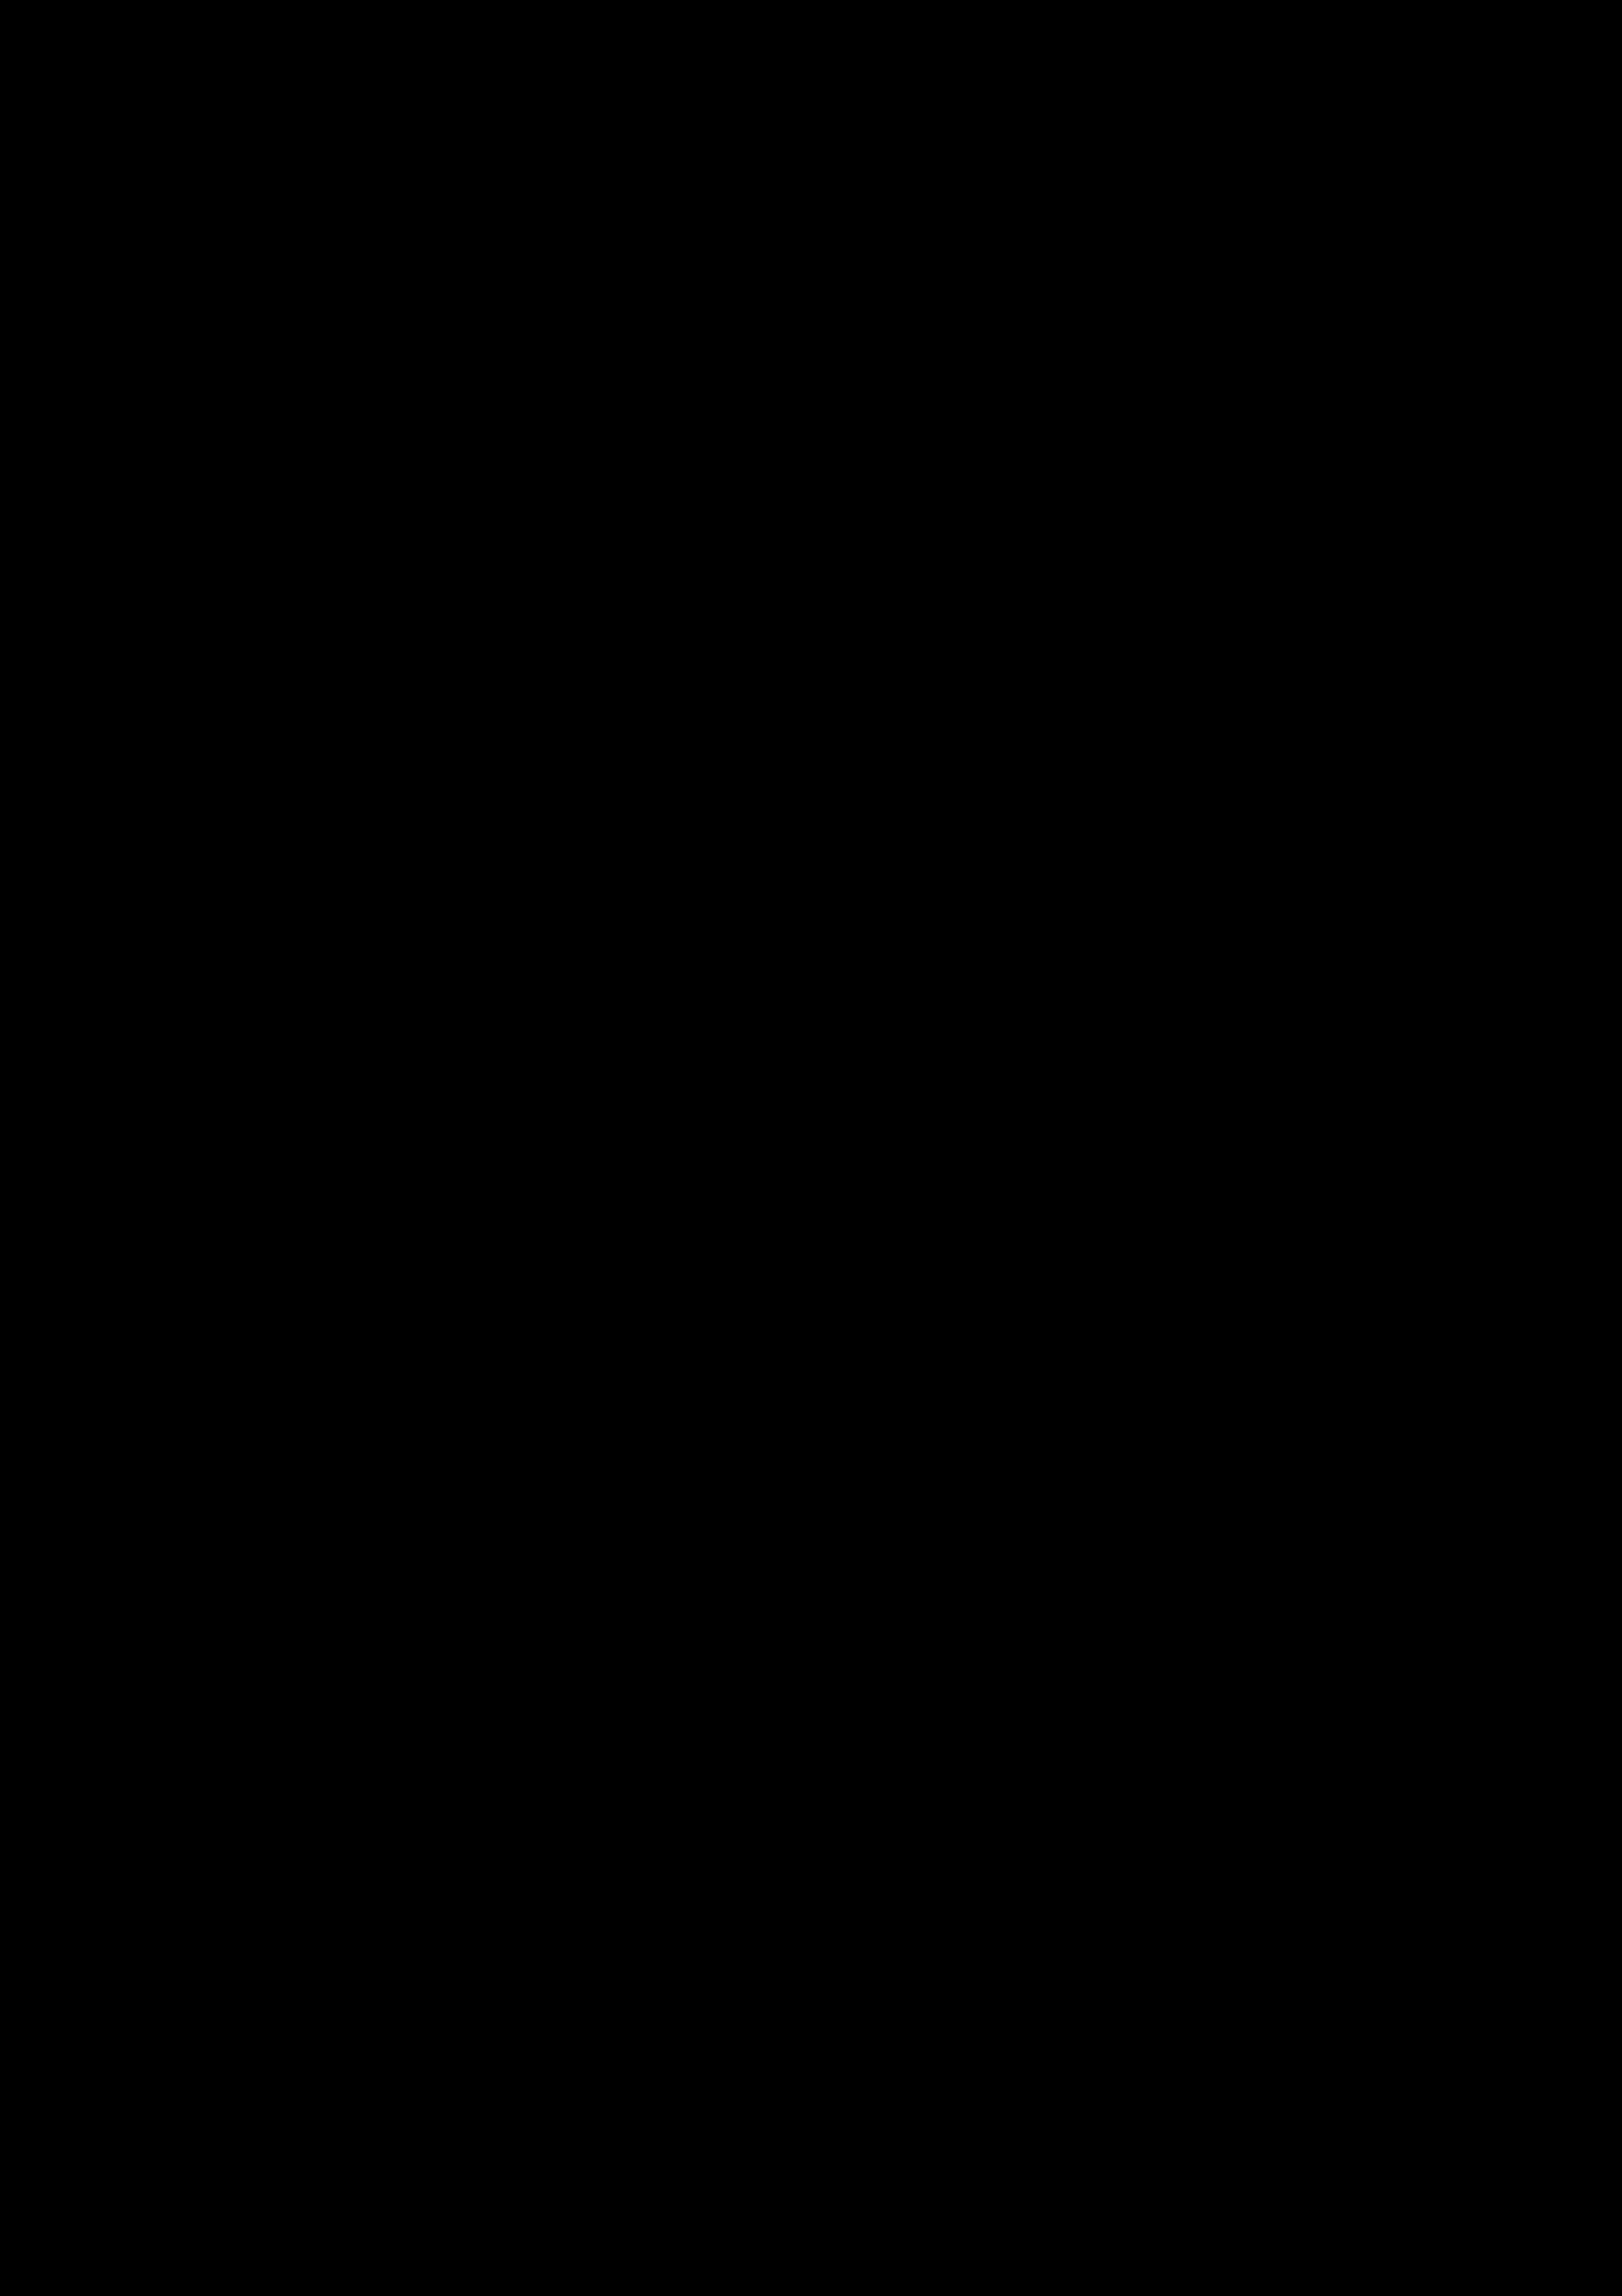 Christmas at Carsington